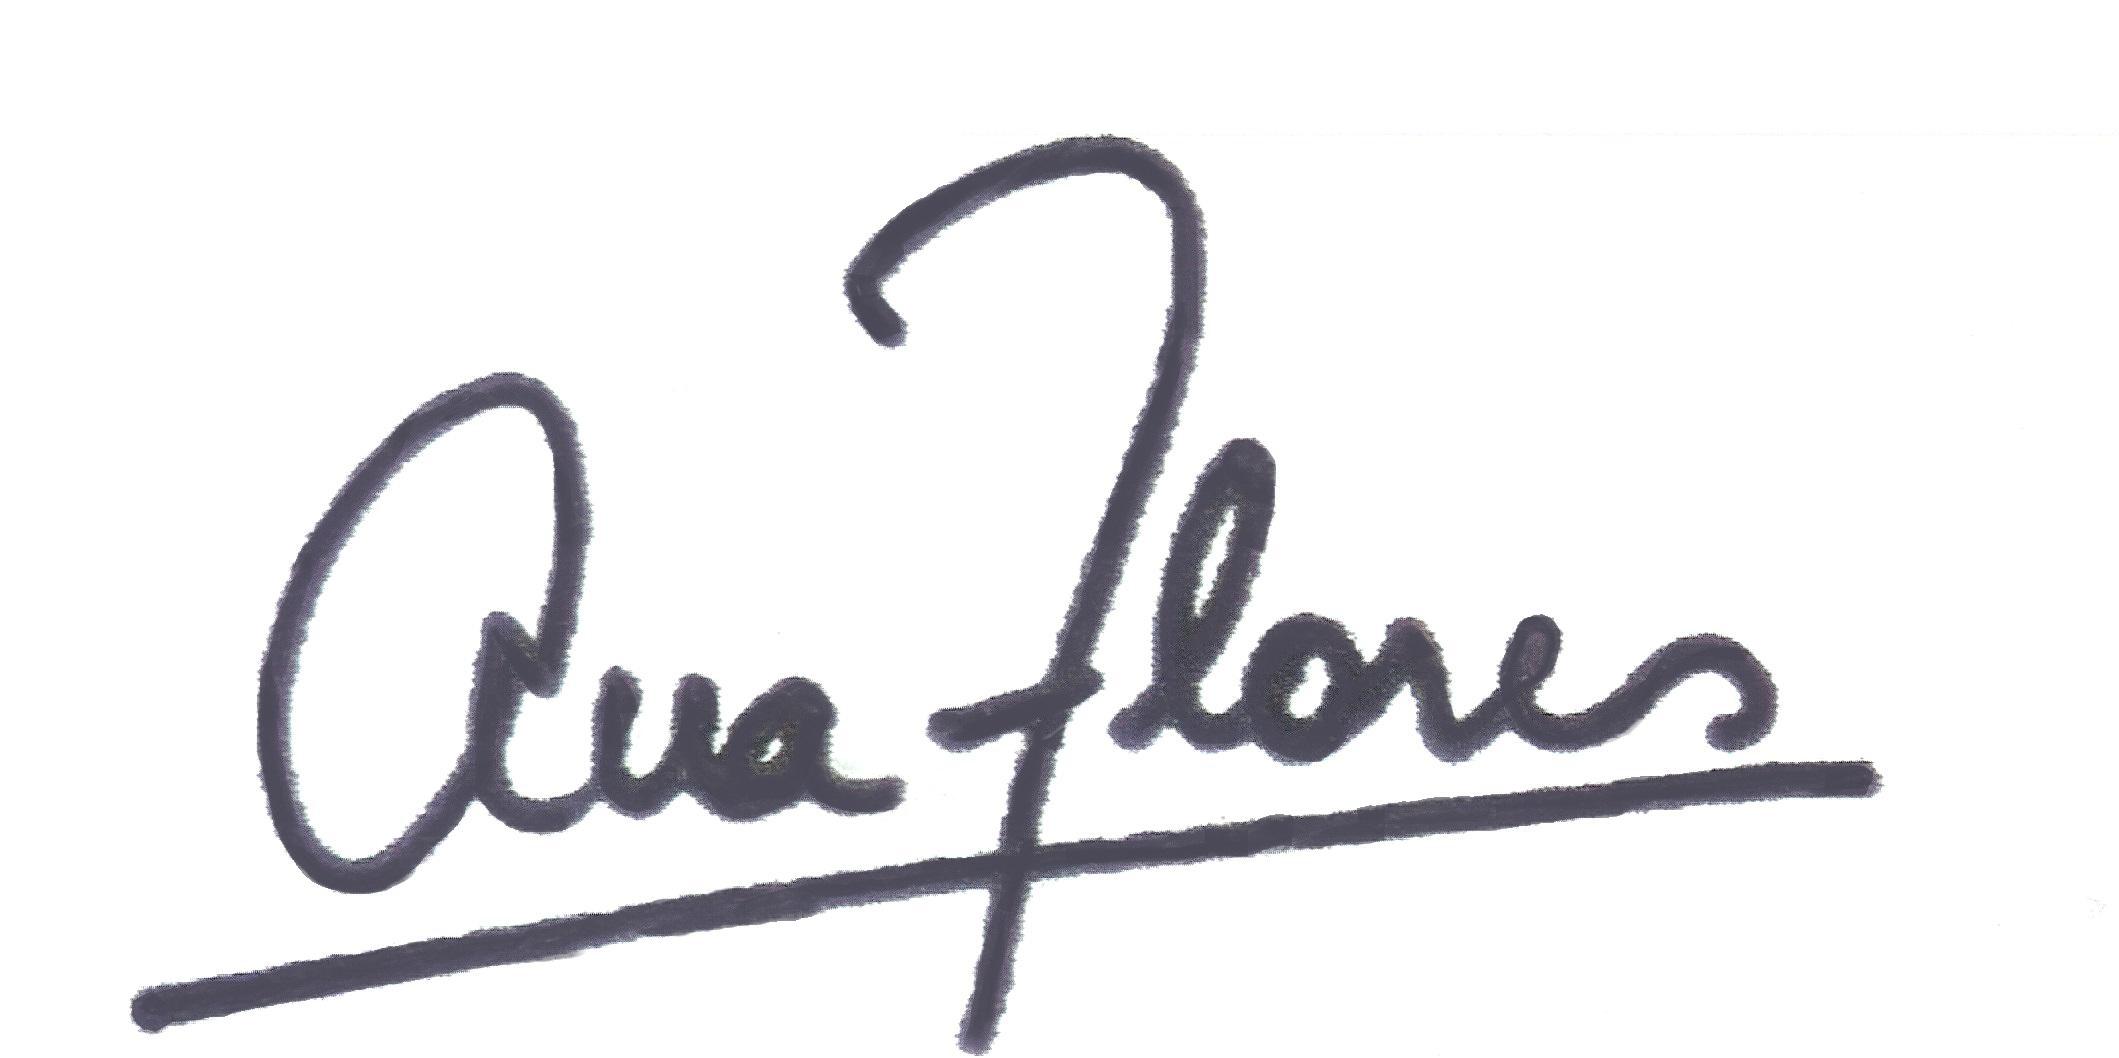 ANA FLORES Signature